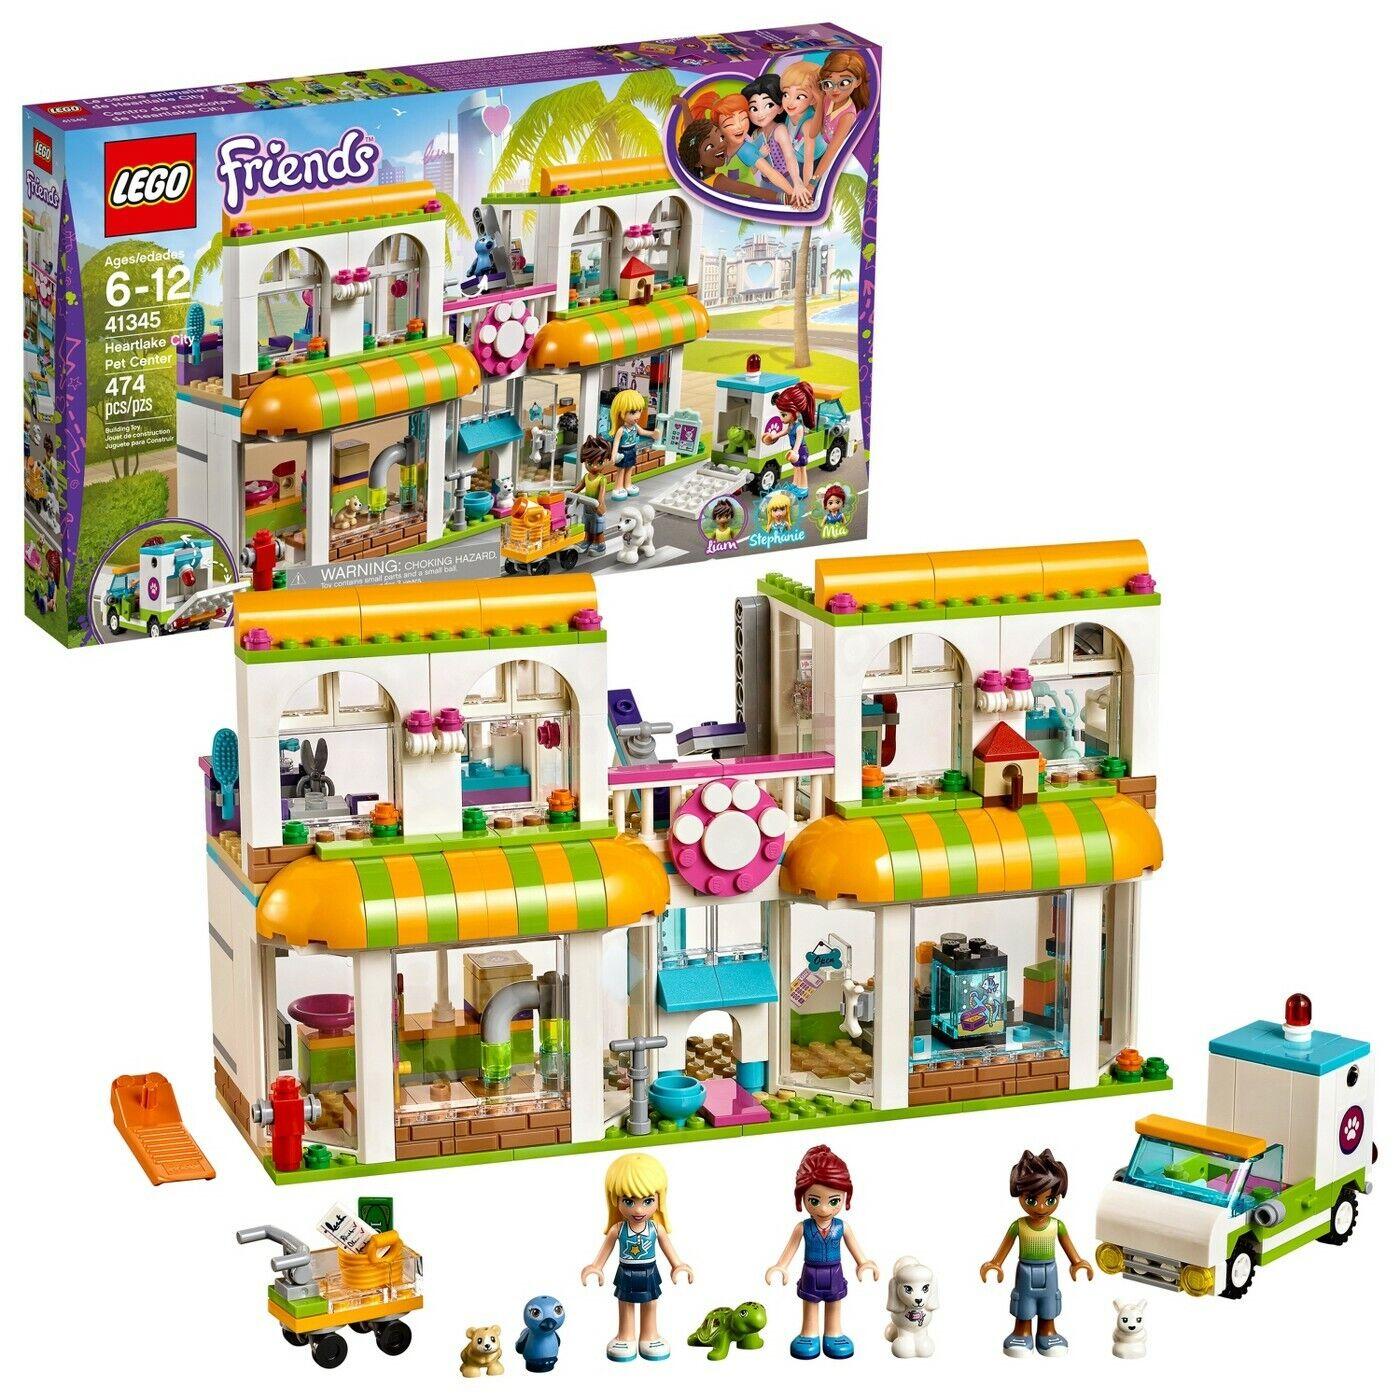 41345 Center Heartlake Set City Building Pet Friends Lego hQCxBsdtor